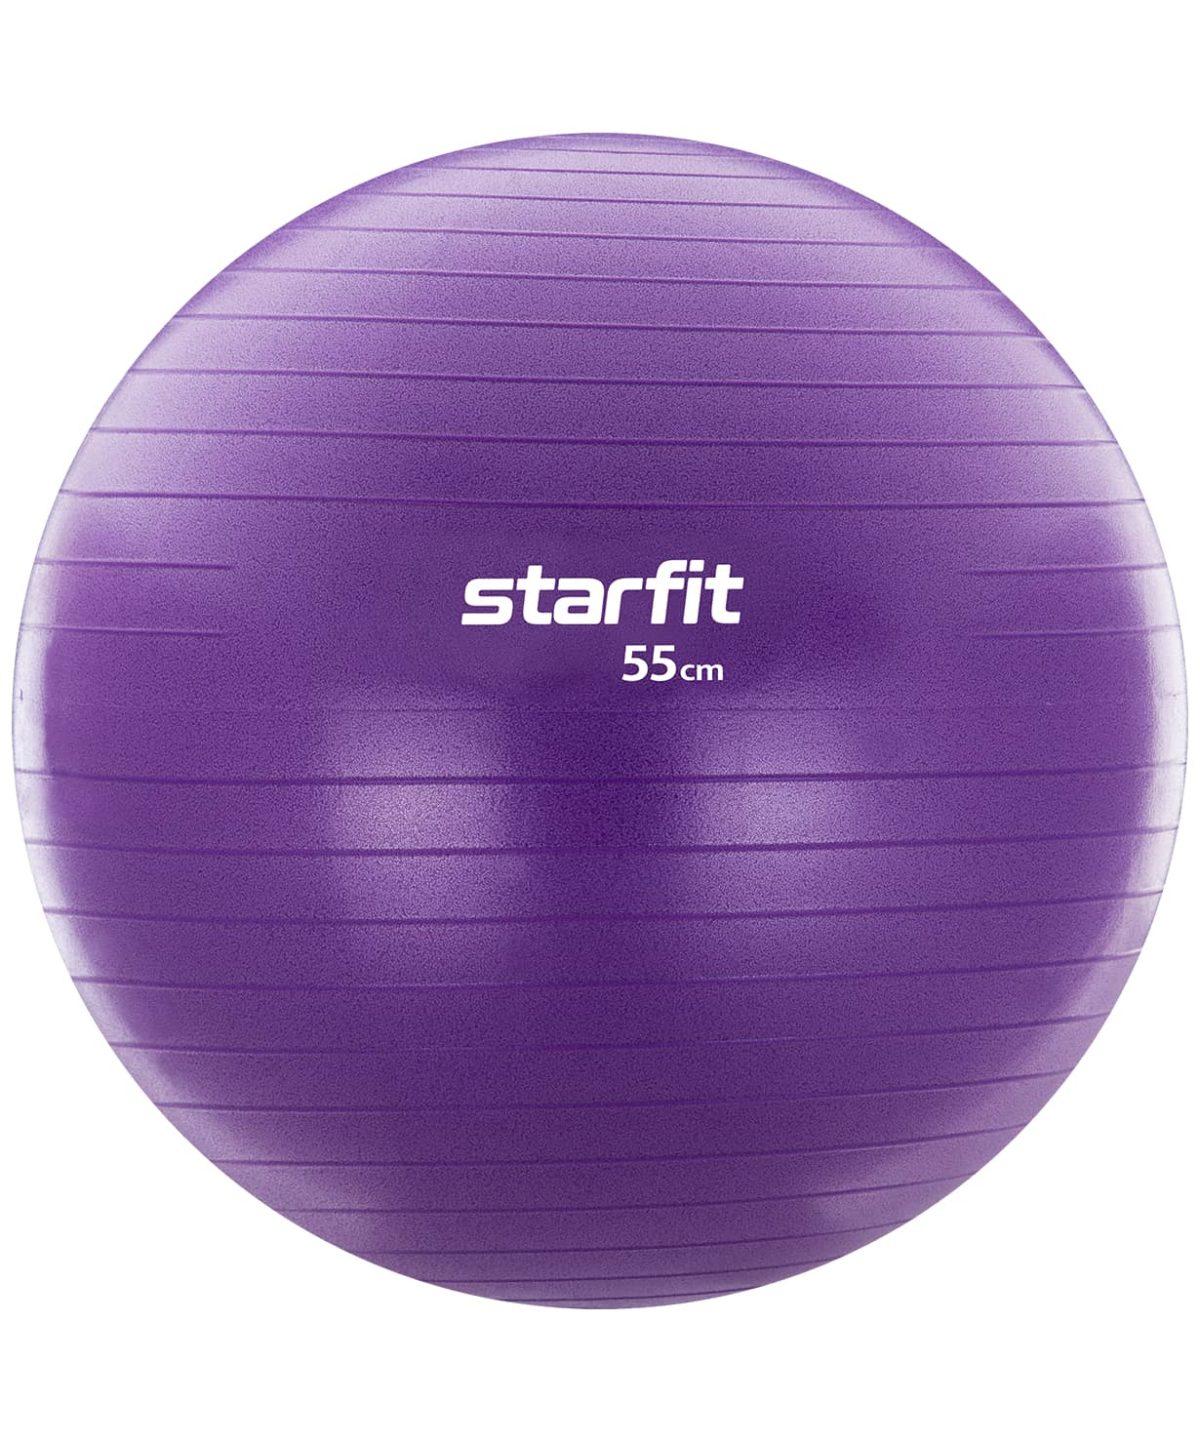 STARFIT Фитбол антивзрыв 55см, 900гр, с ручным насосом GB-106 - 1